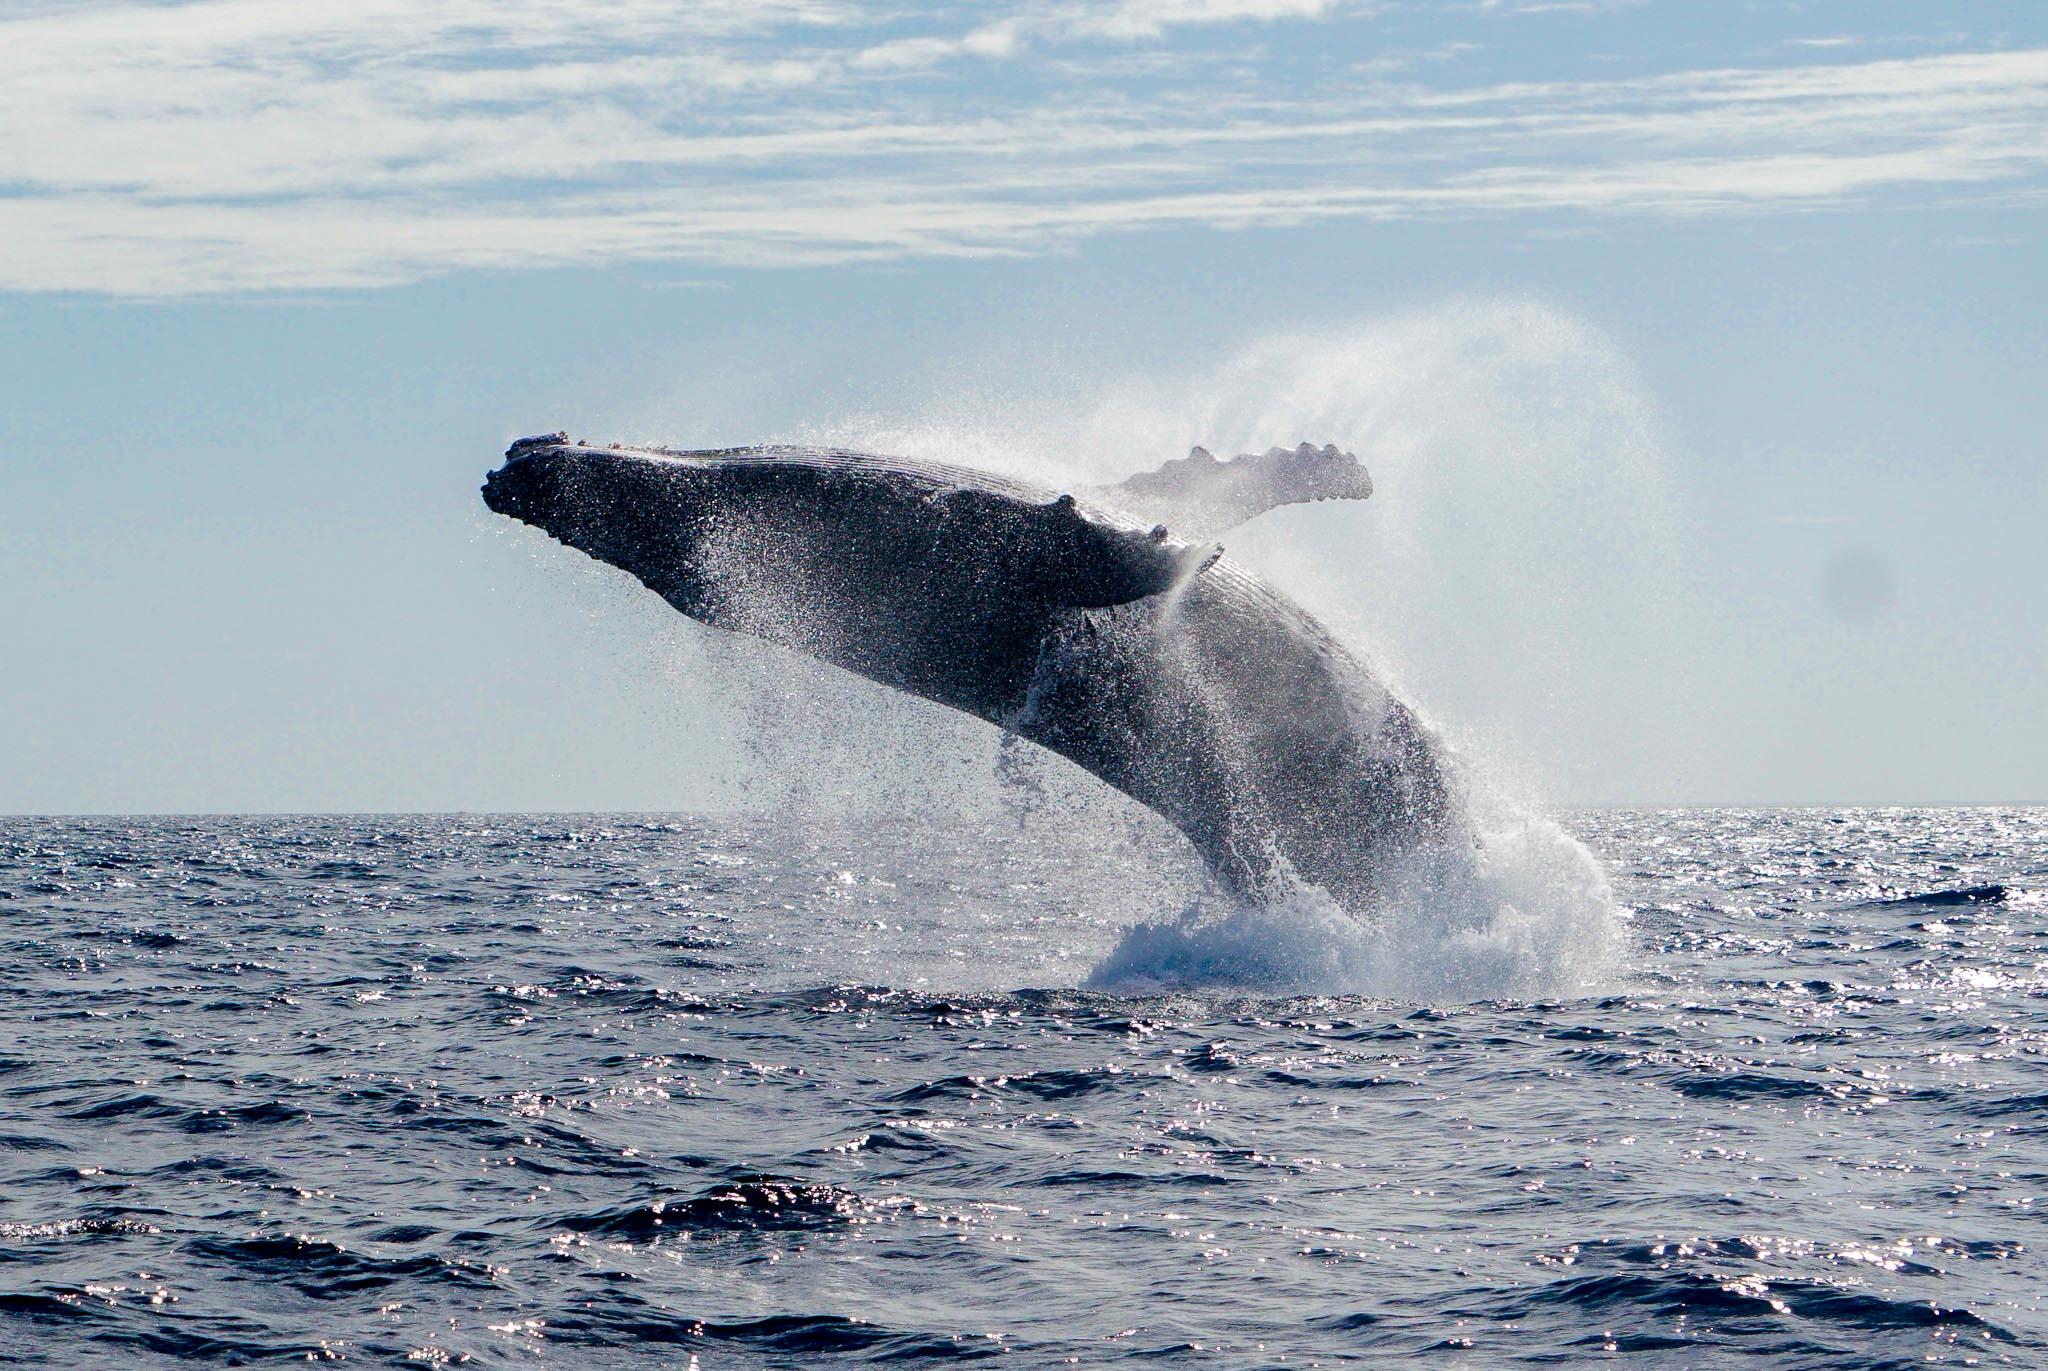 Breaching Humpback Whale in Ha'apai, Tonga